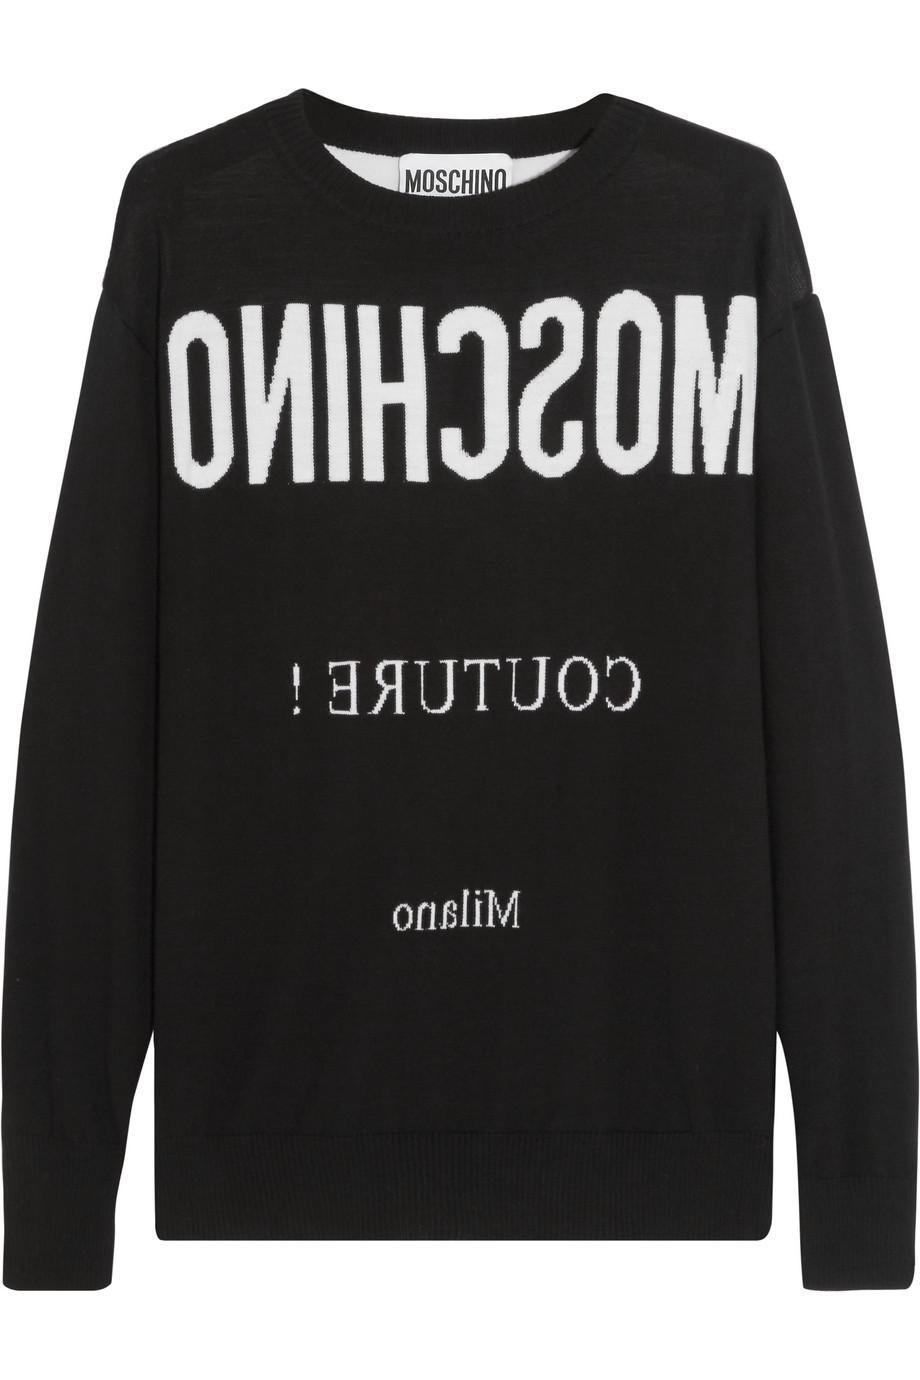 Moschino Intarsia Wool Sweater, Black, Women's